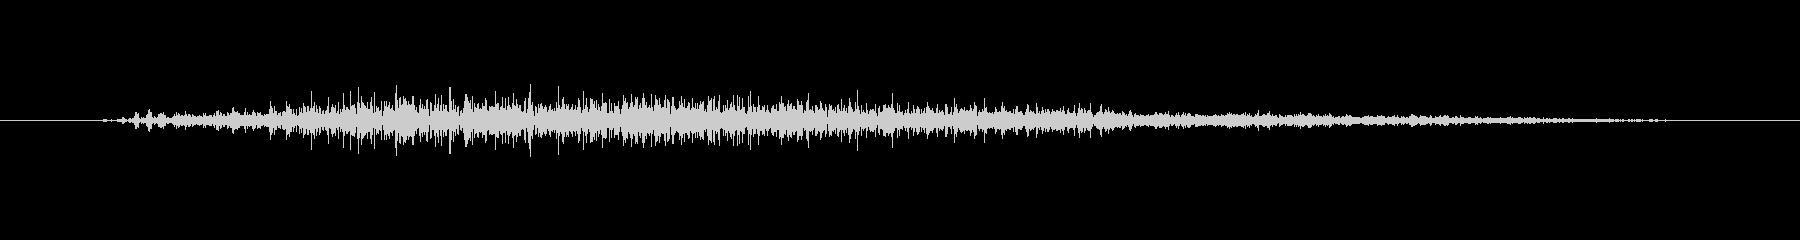 ゾンビ うめき声アイドルスロート09の未再生の波形